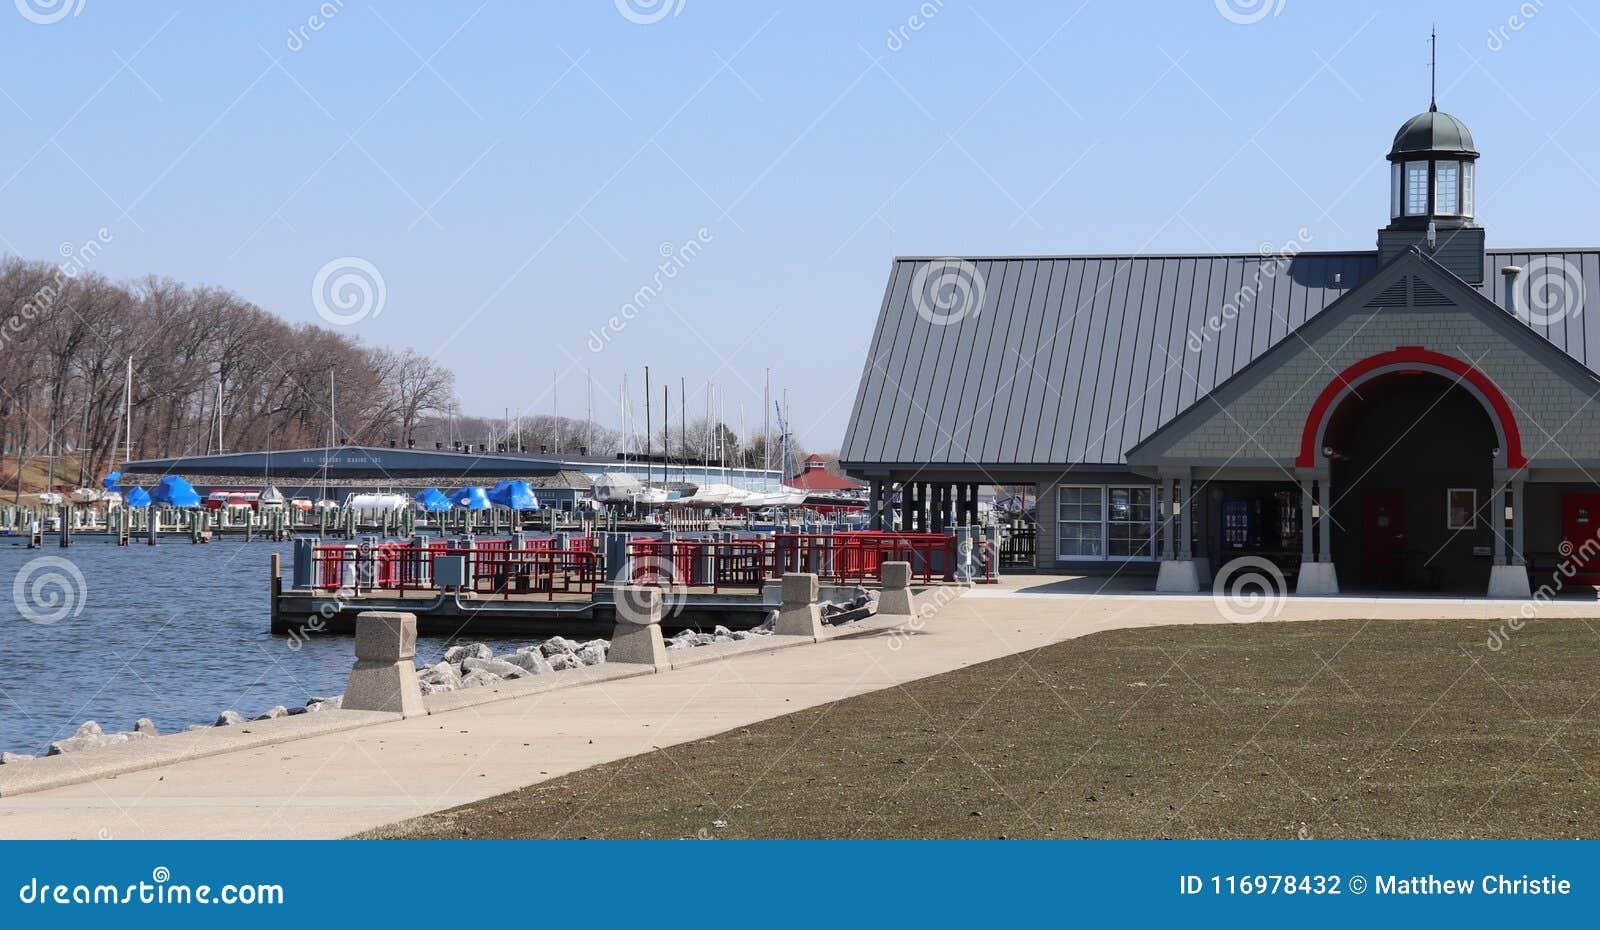 Outdoor, Marina, Lake Michigan, River, Water, South Haven